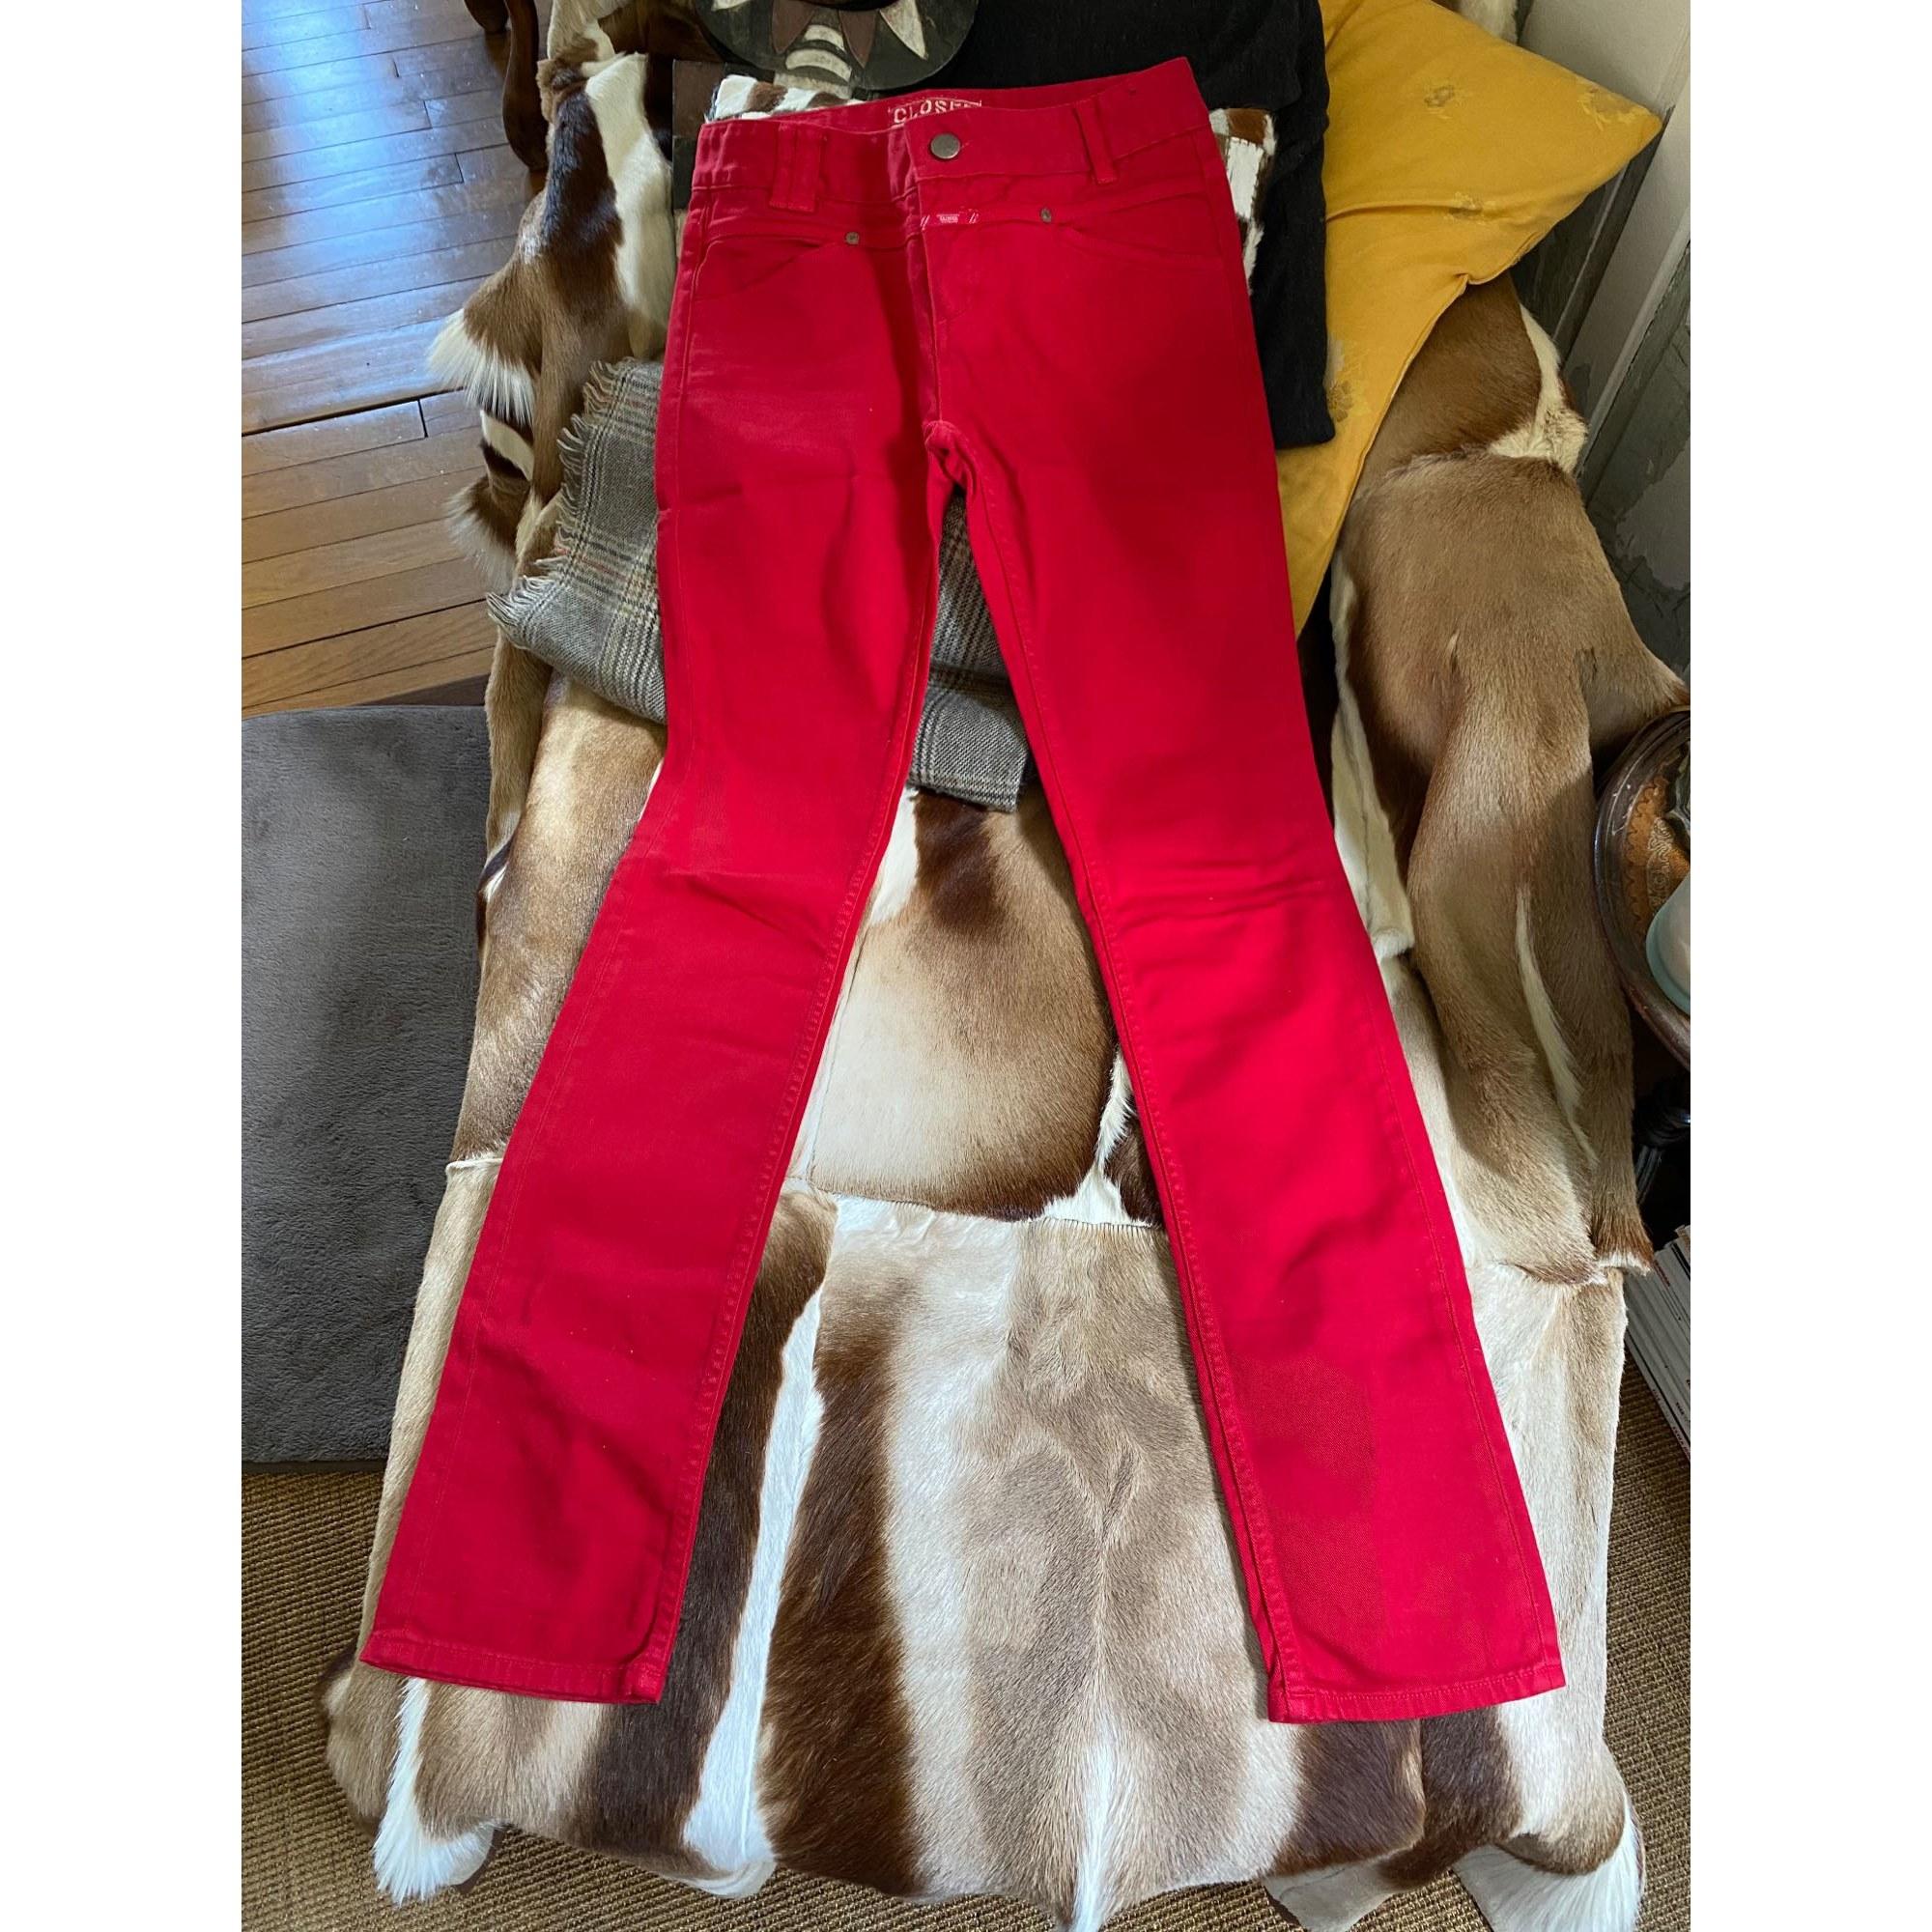 Jeans droit CLOSED Rouge, bordeaux